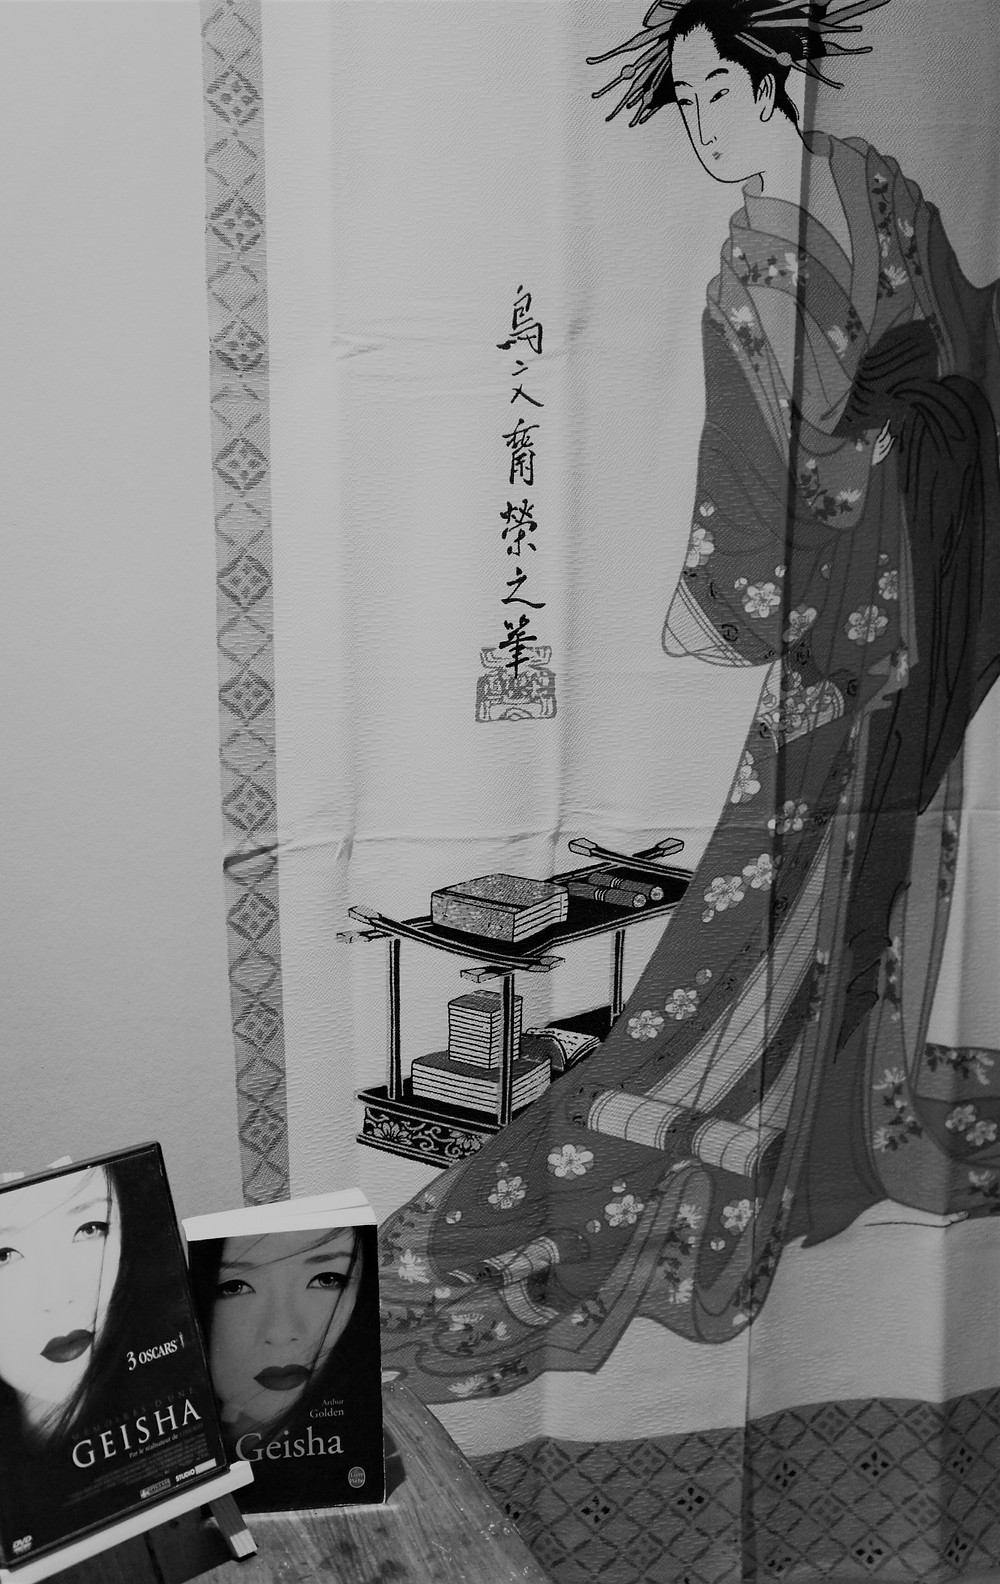 Livre Geisha d'Arthur Golden et le DVD Du film Mémoire d'une Geisha de Rob Marshall, avec une image de Geisha derrière.